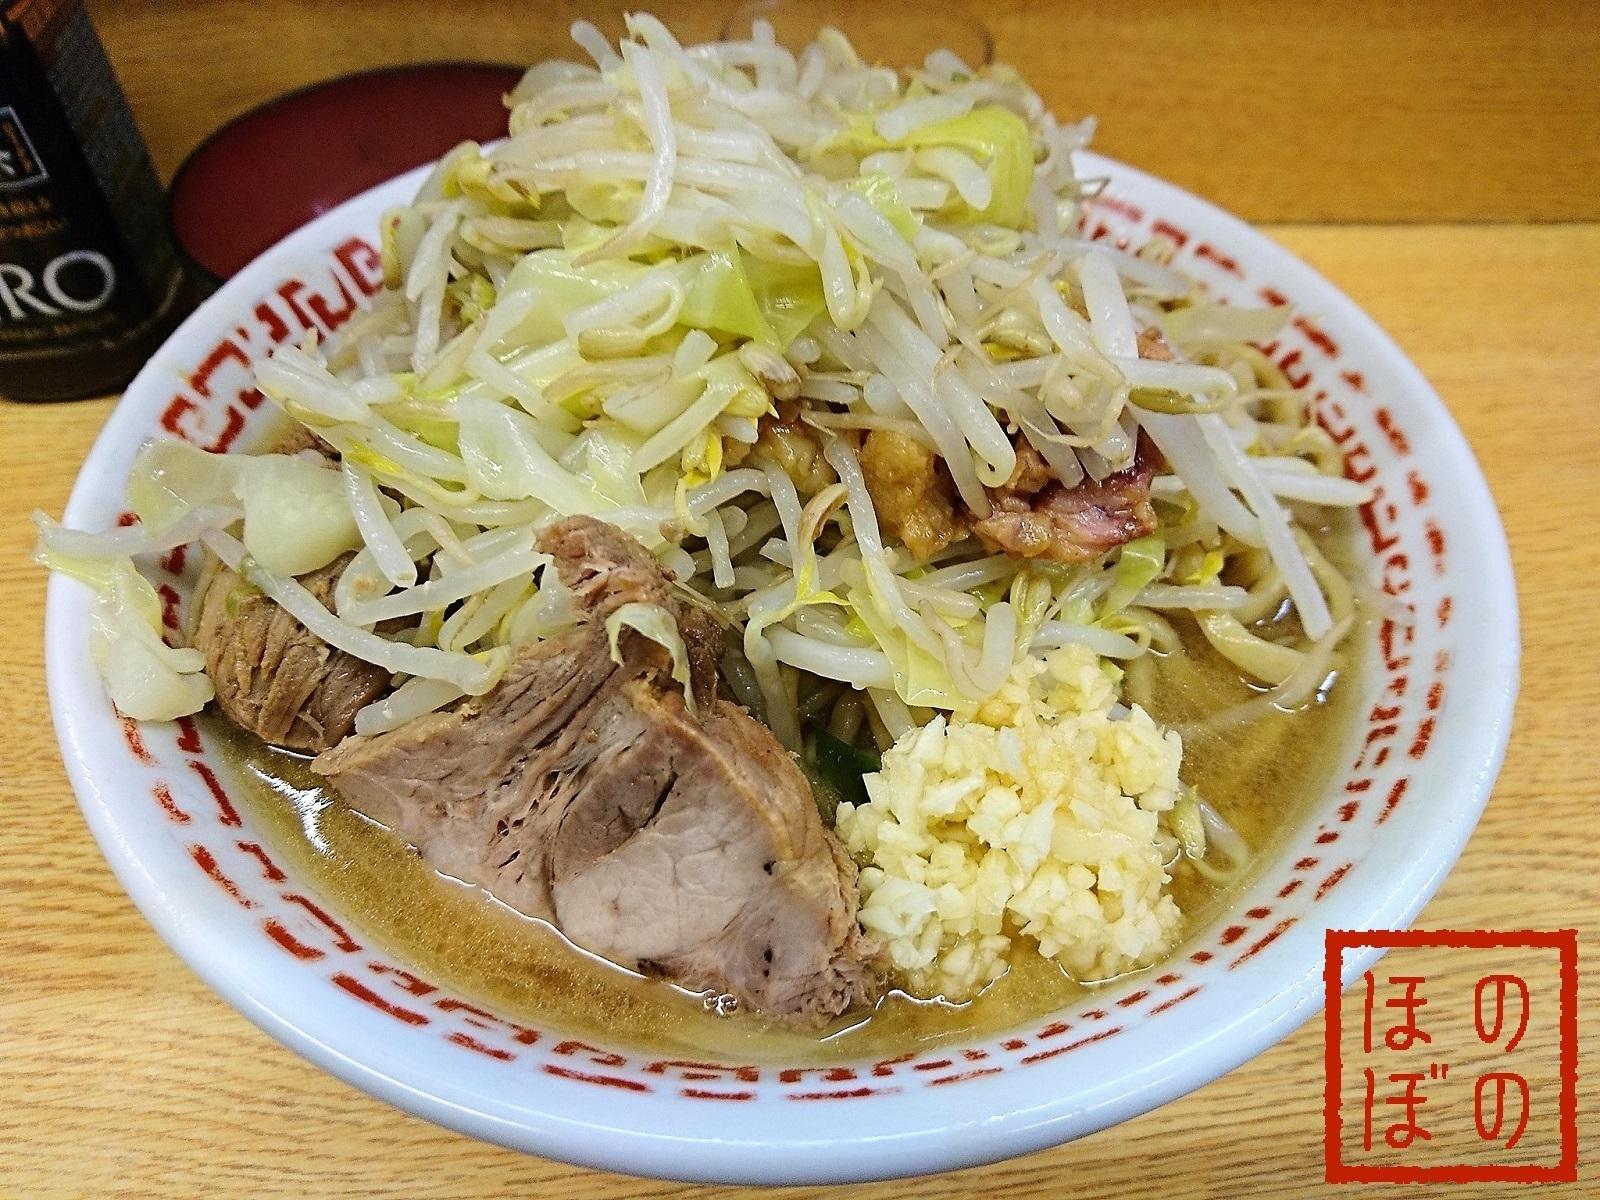 shinshindaita-jirou98.jpg